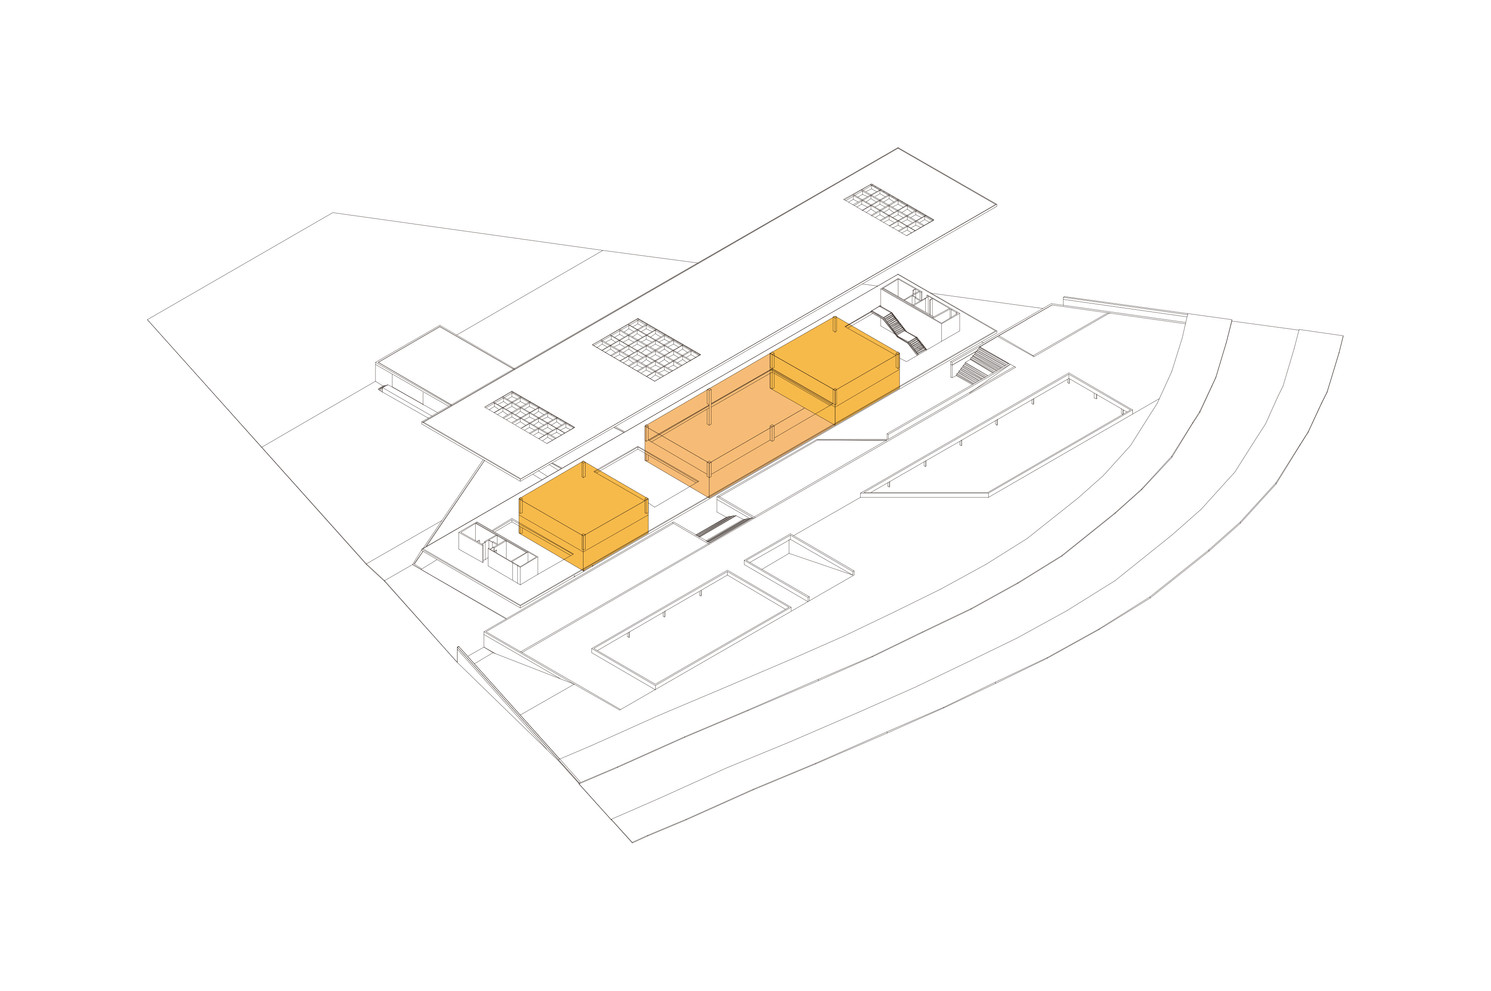 Diagrama fechamentos internos